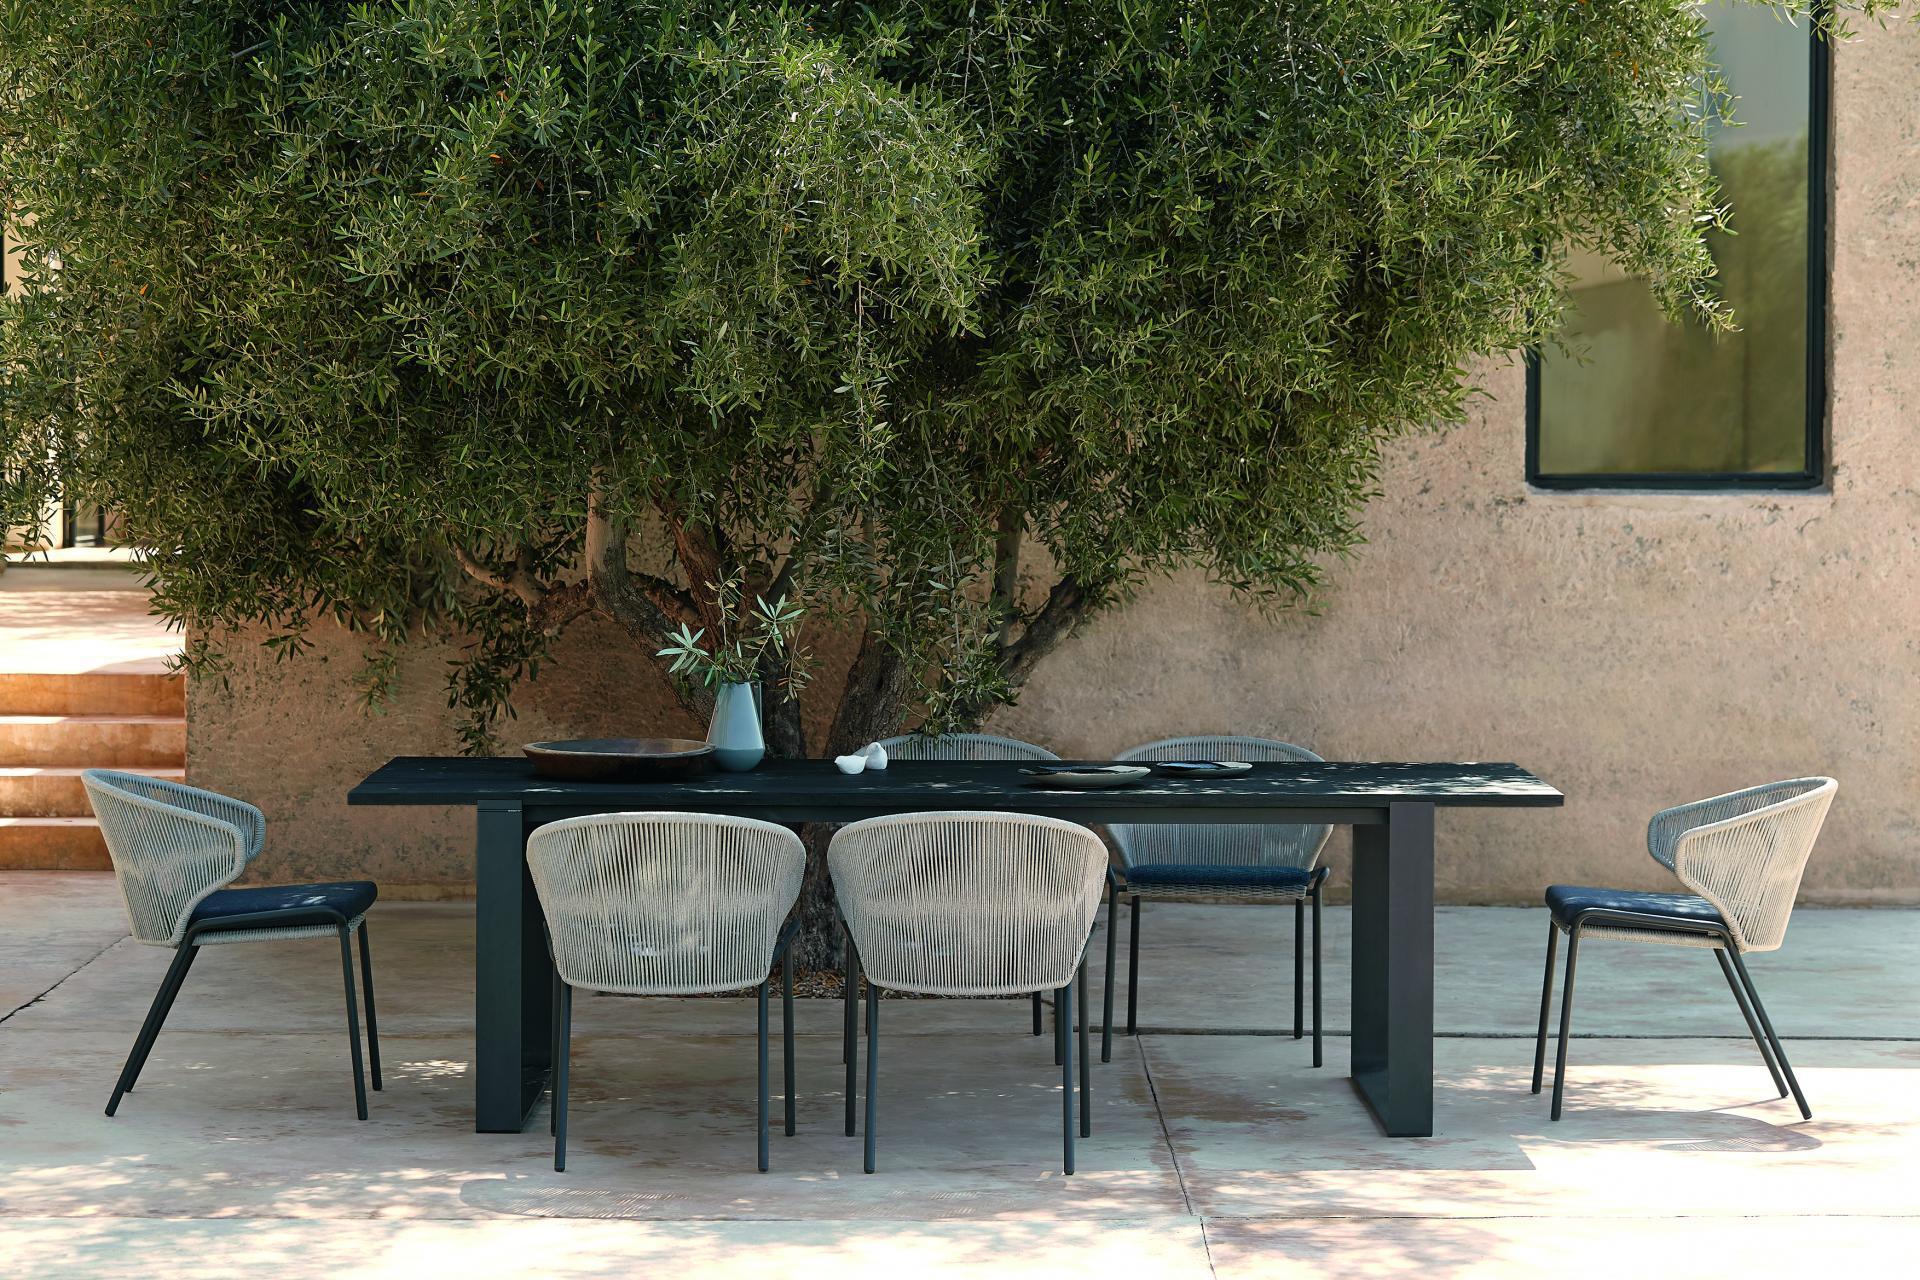 Tuinrama_Manutti_Radius_Prato tafel_Wij adviseren u  bij het inrichten van uw droomterras